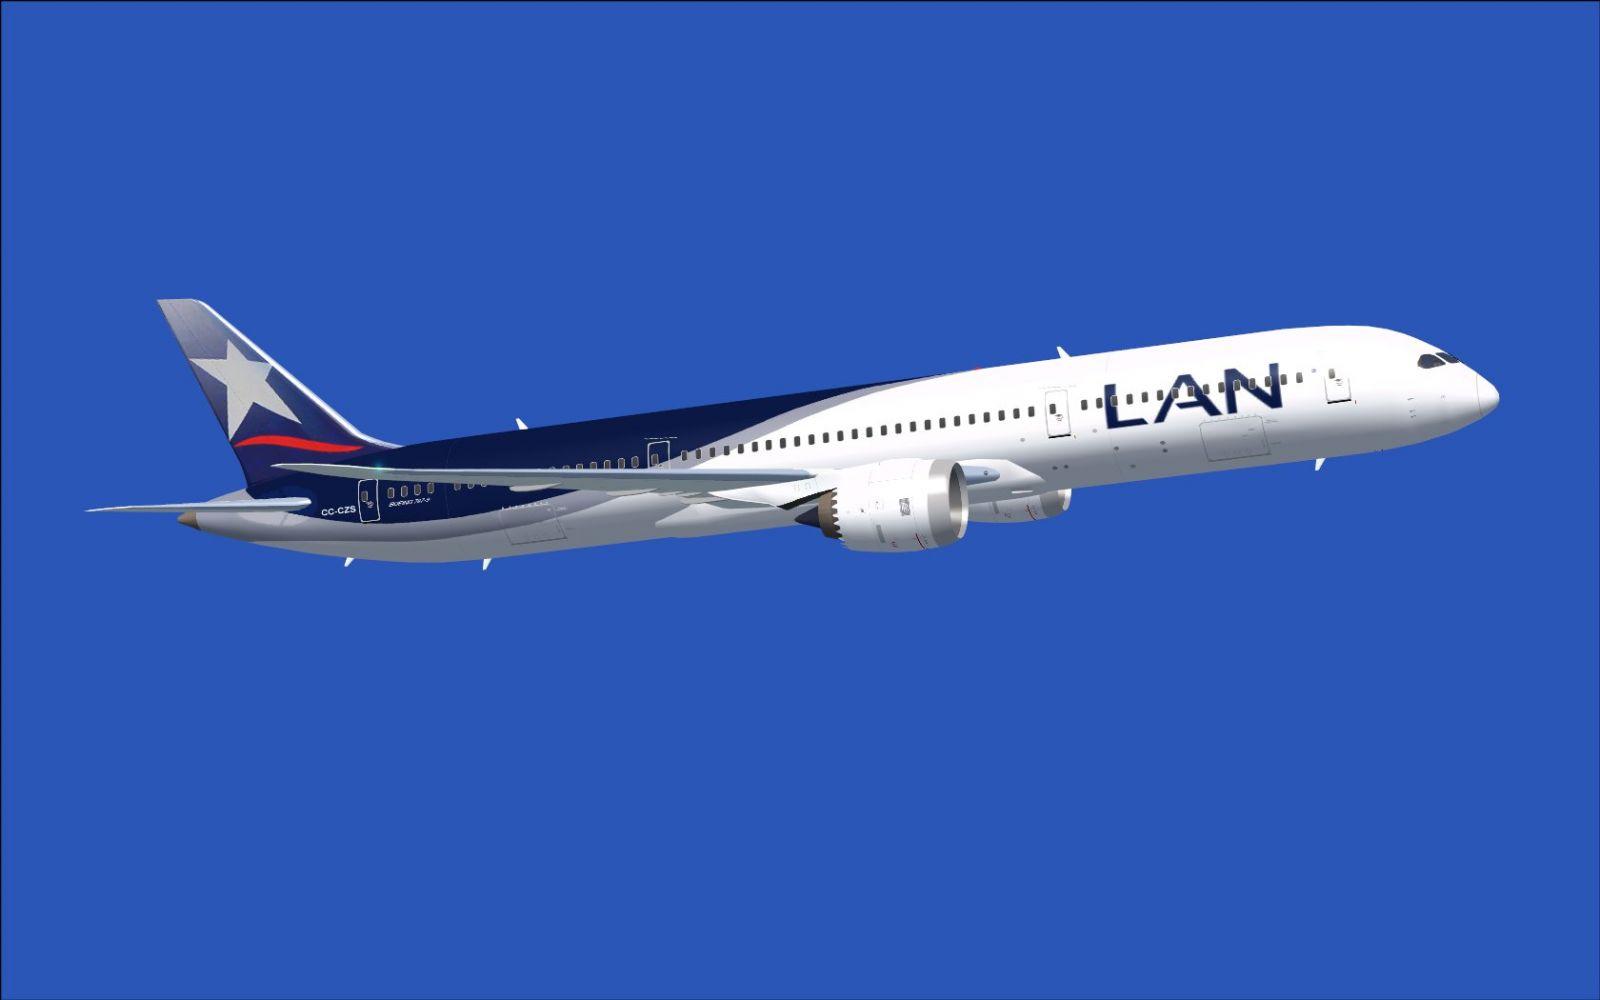 Lan airlines boeing 787 9 in flight